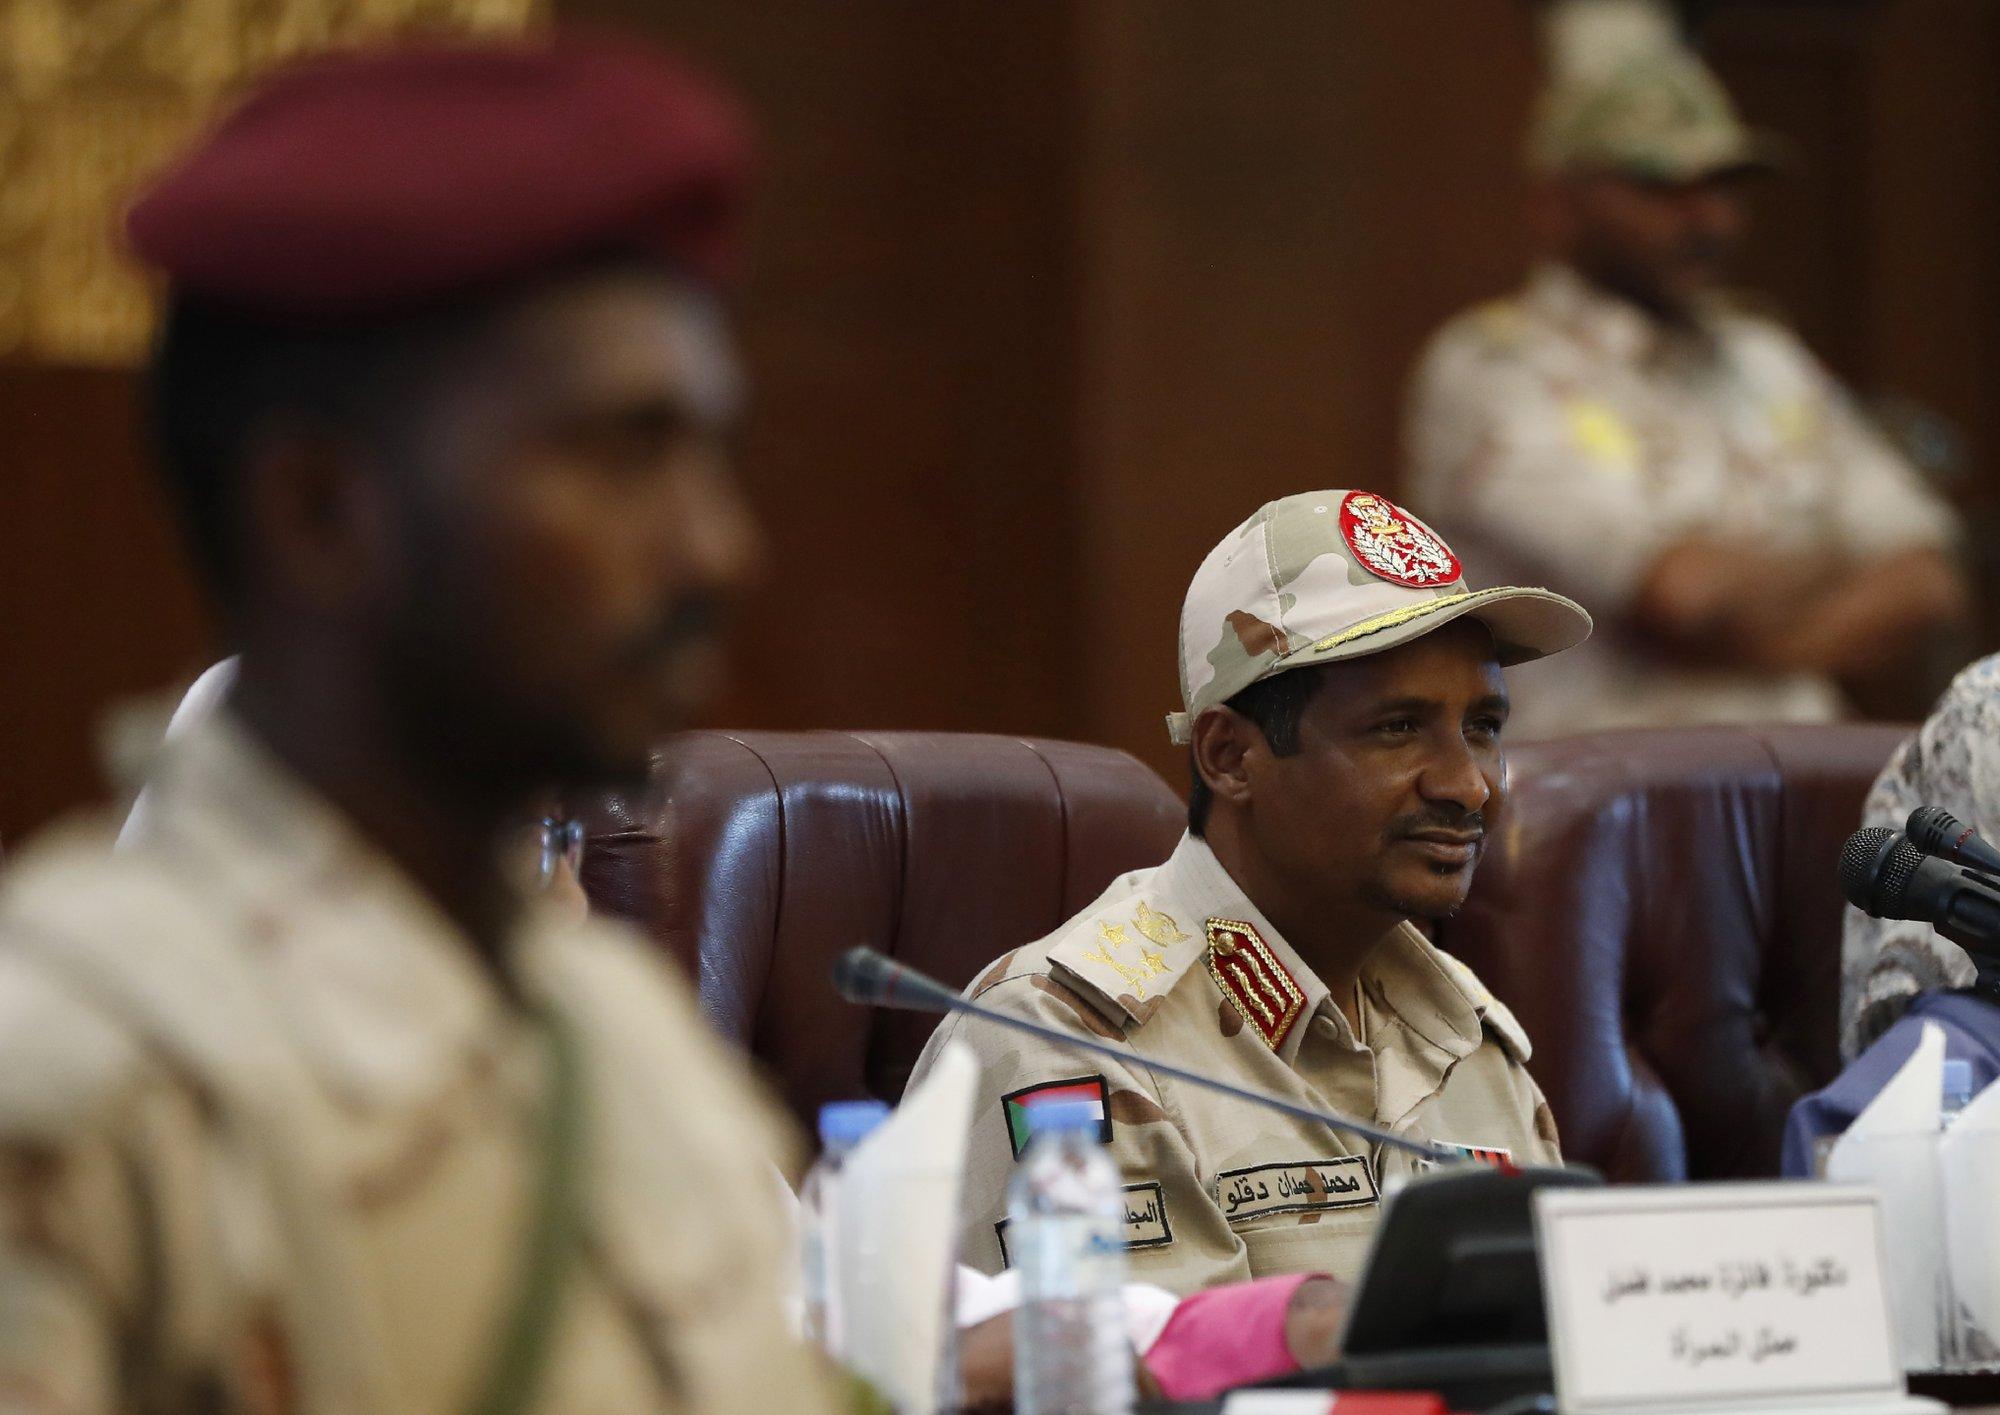 Sudan military leader says perpetrators of crackdown ID'd